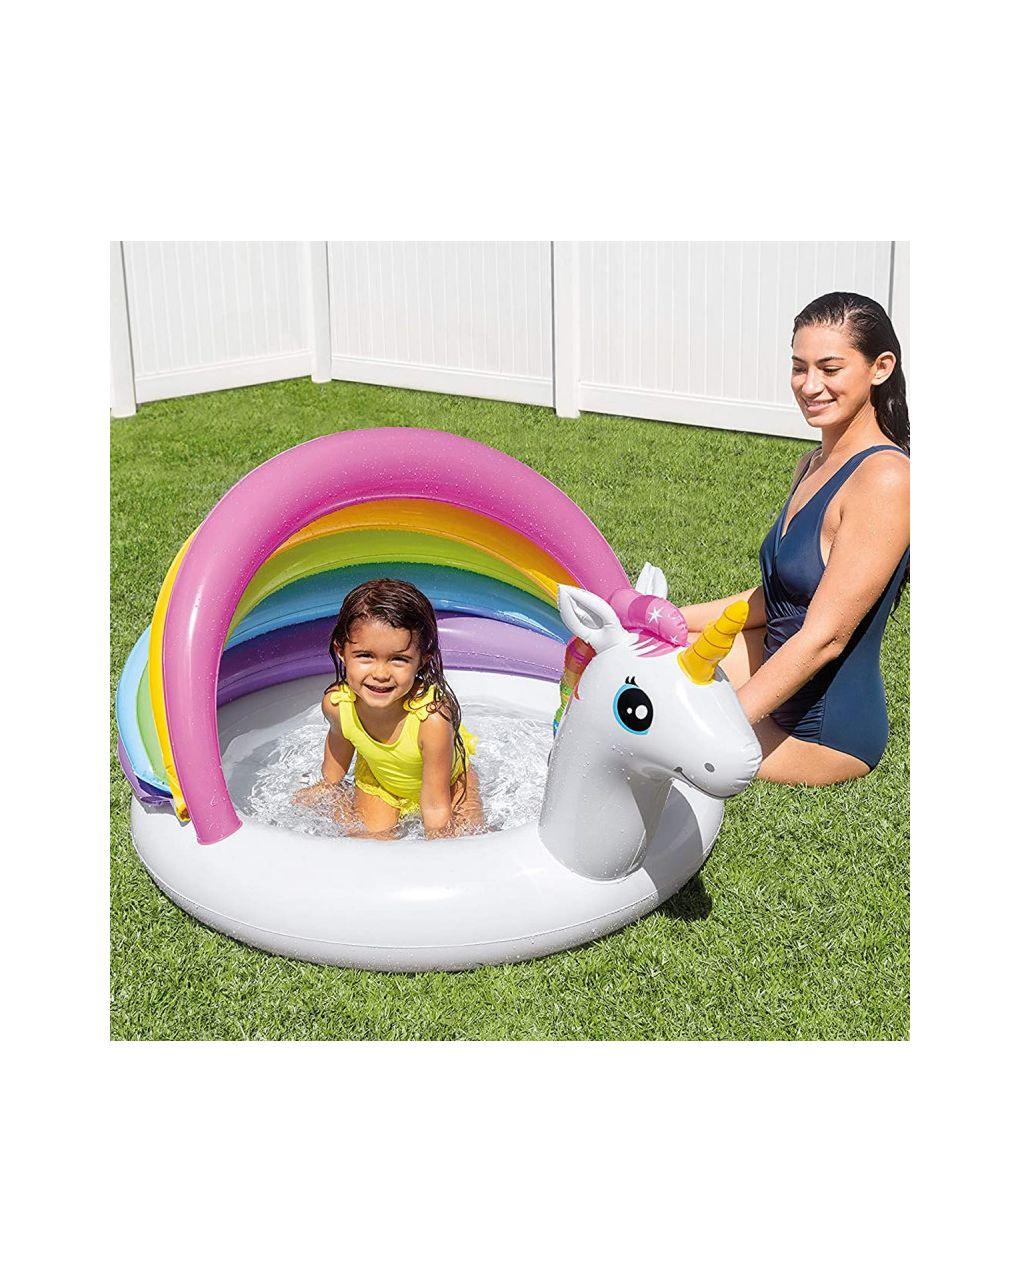 Intex - piscina baby pool unicorno cm 127x102x69 - Intex